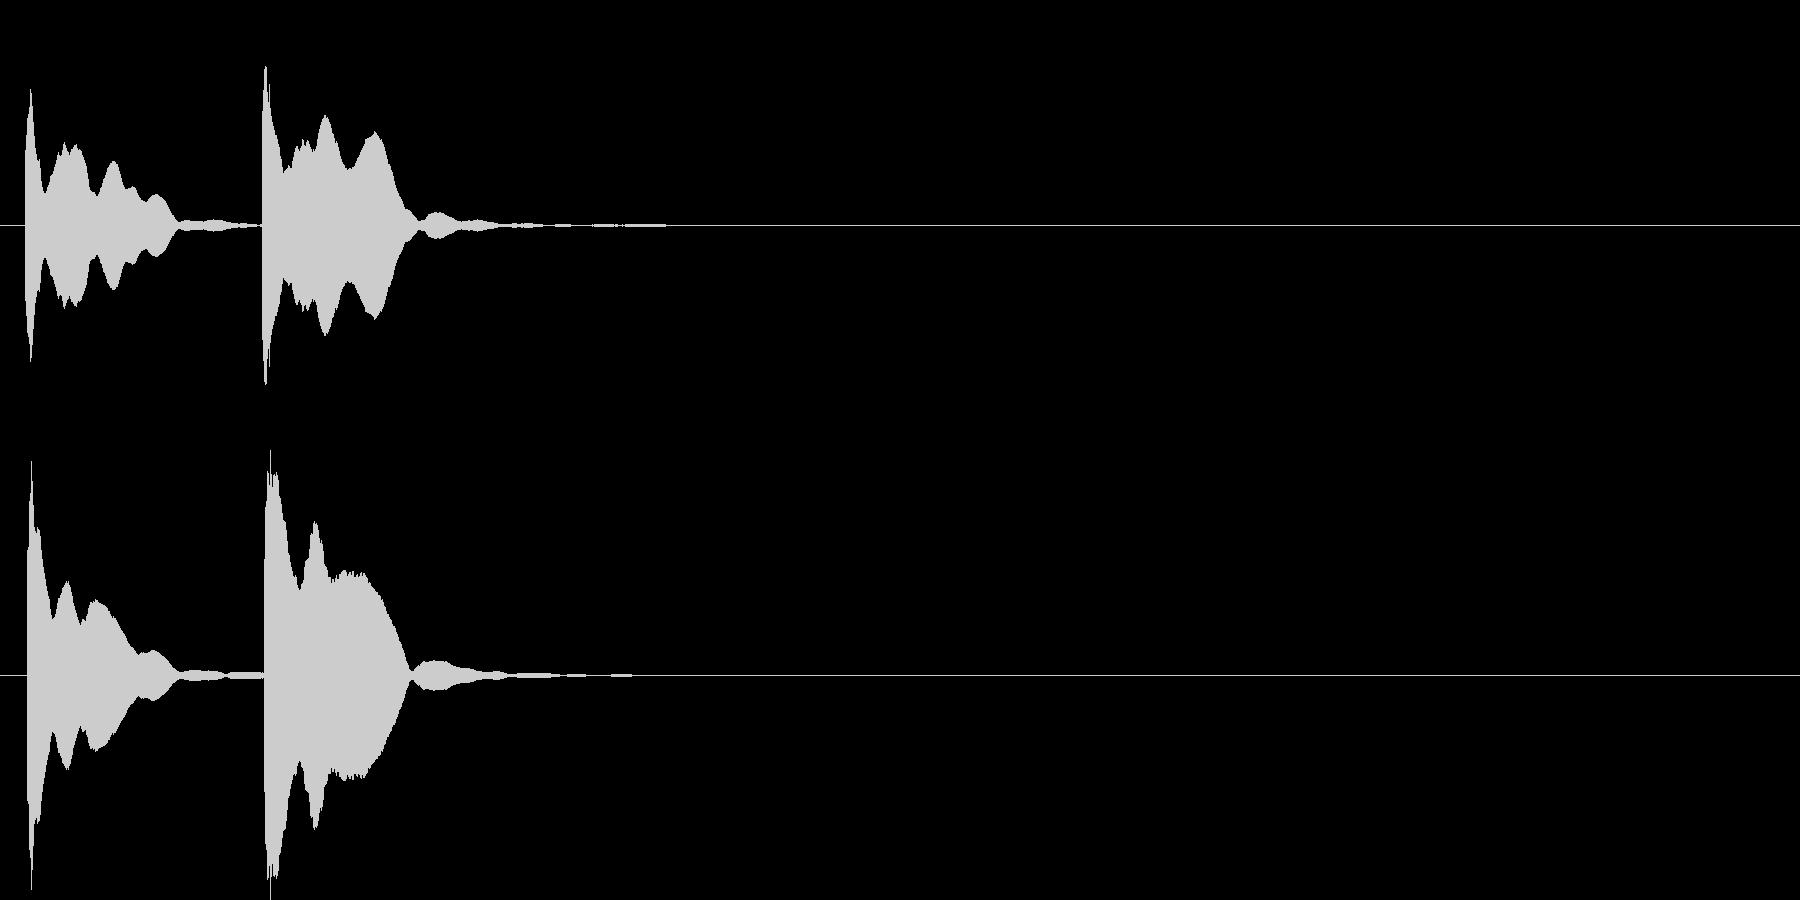 ピンポン系2 高い音の未再生の波形